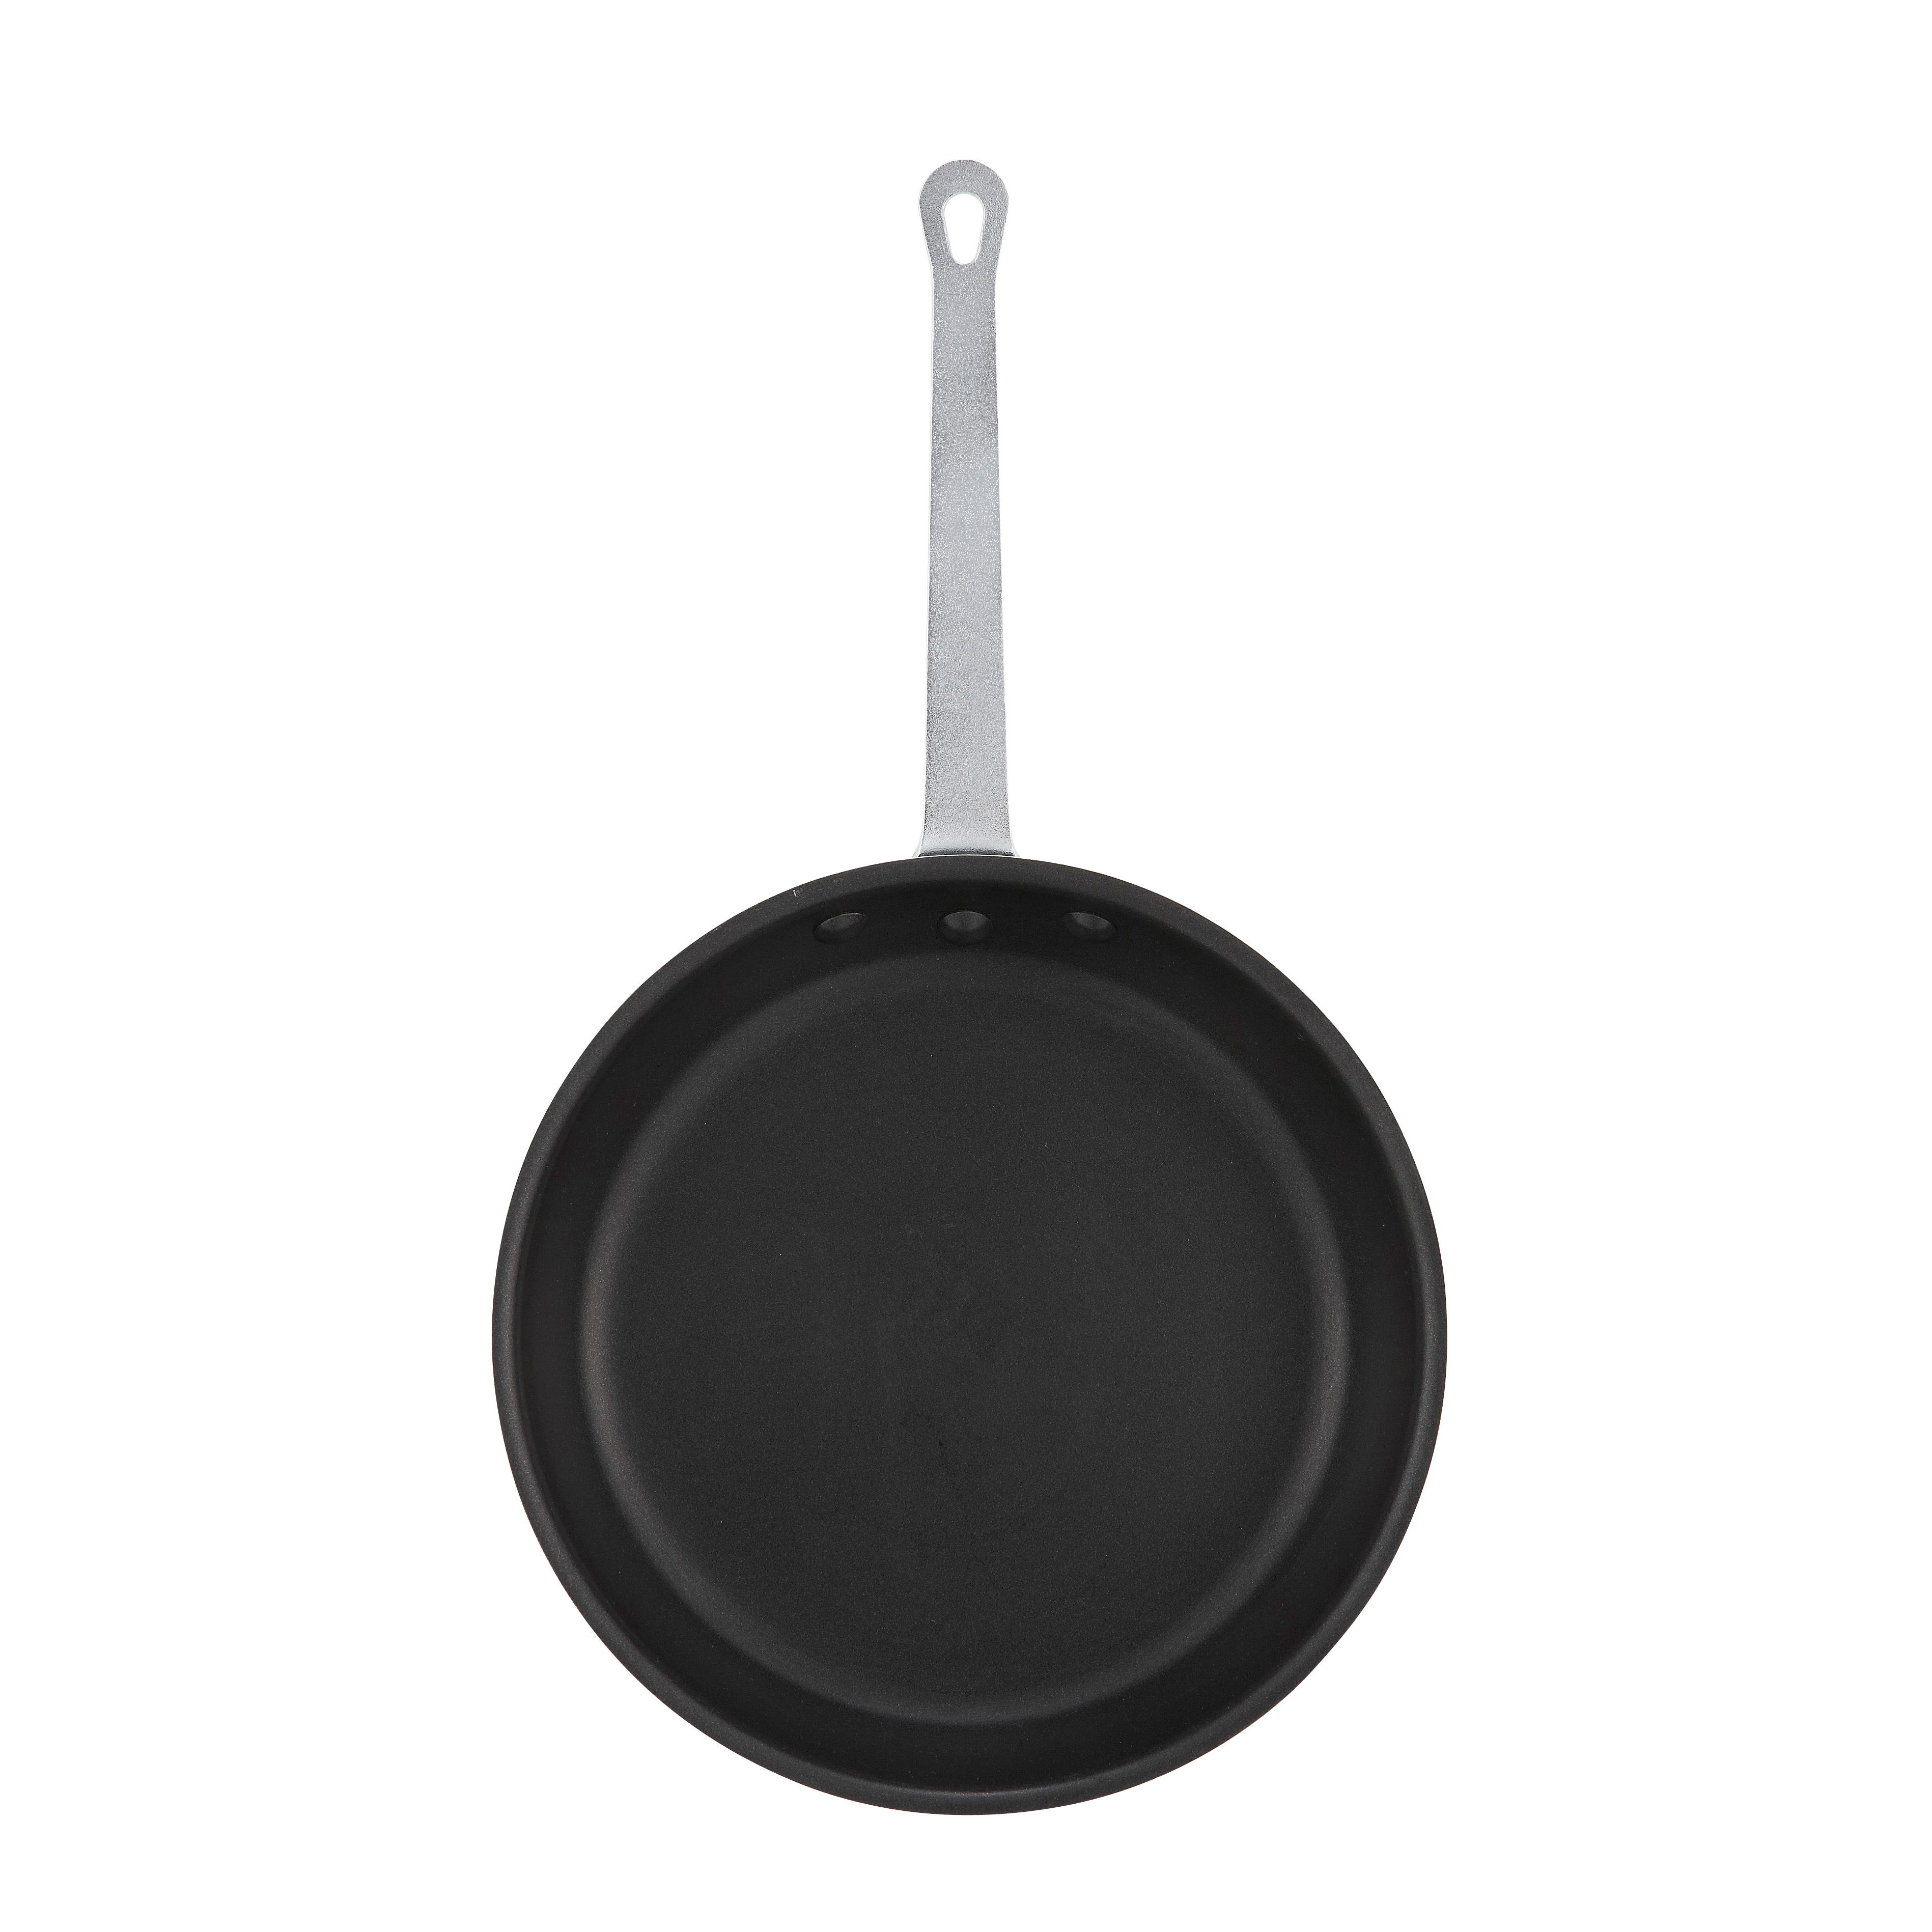 Winco AFP-14XC fry pan